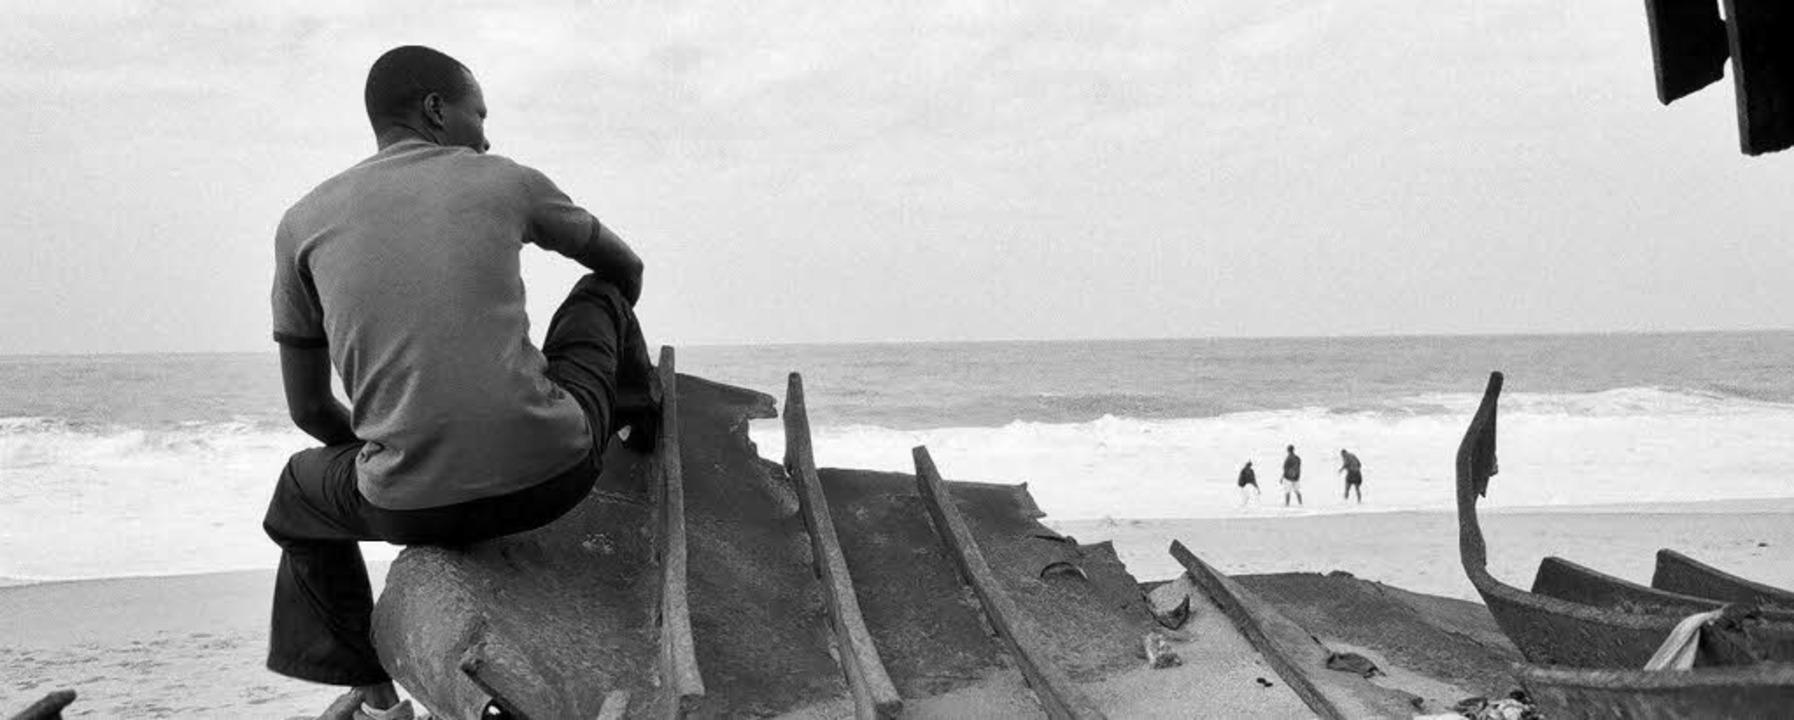 Jonathan Akpoborie auf den Resten der Etireno am Strand von Cotonou  | Foto: w-film